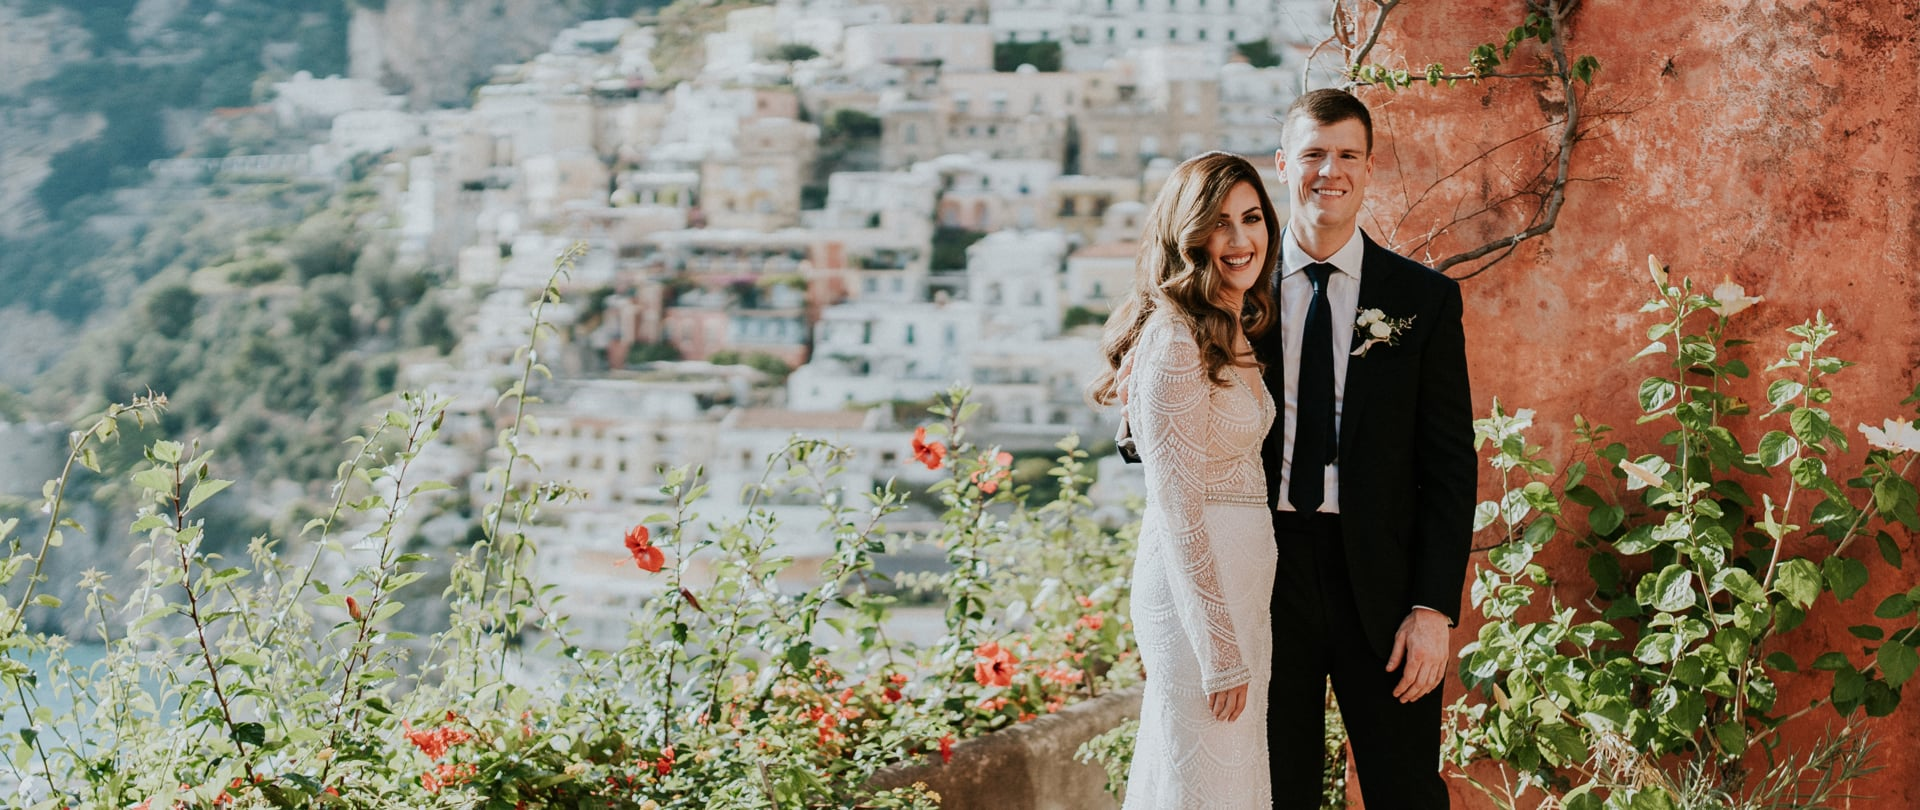 Megan & Charles Wedding Video Filmed at Positano, Italy